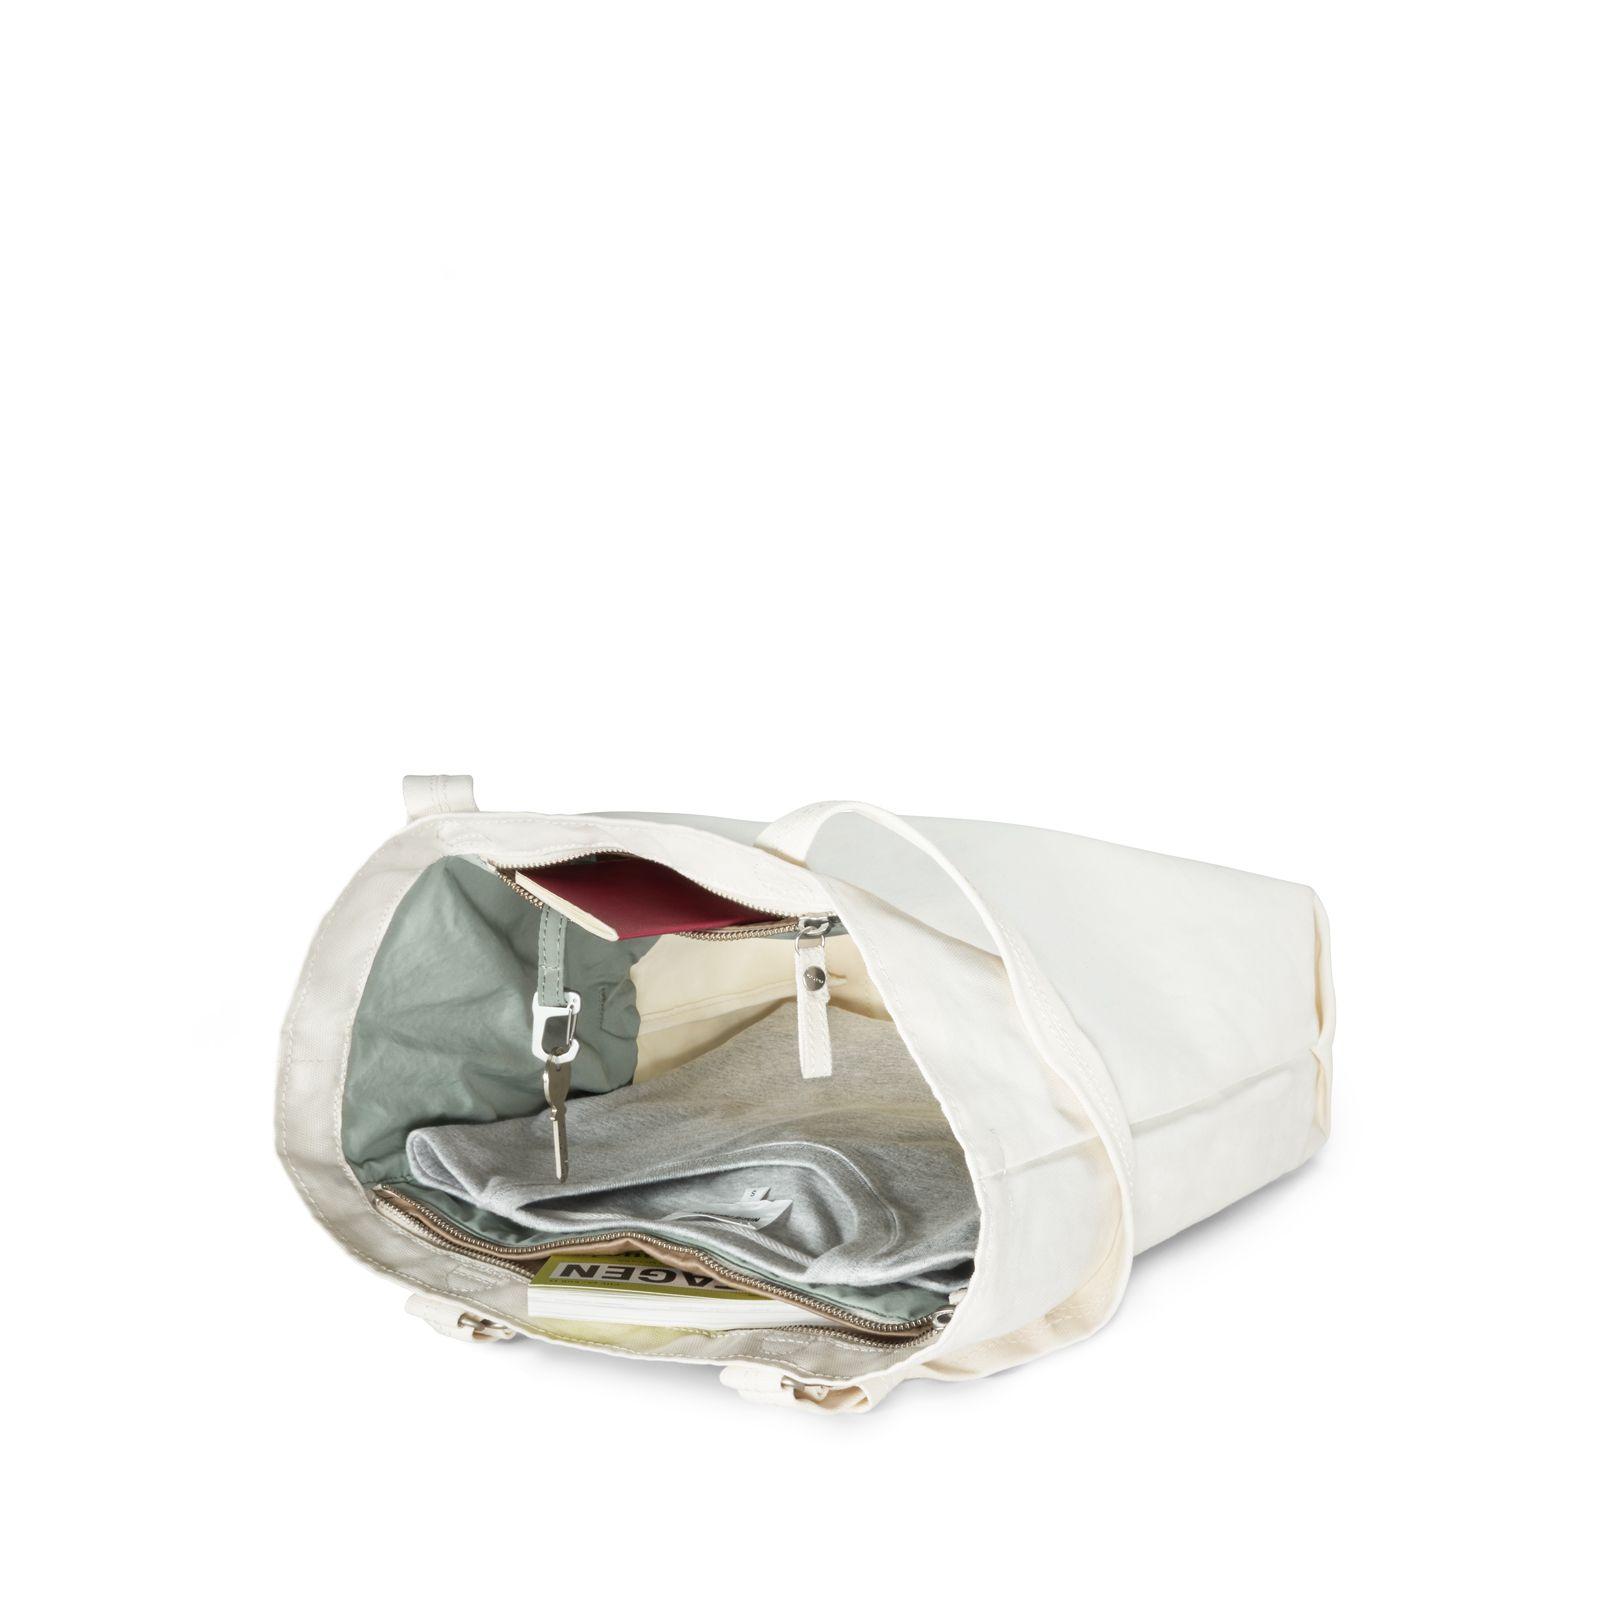 Bananatex® Tote Bag Medium - Natural White Heron